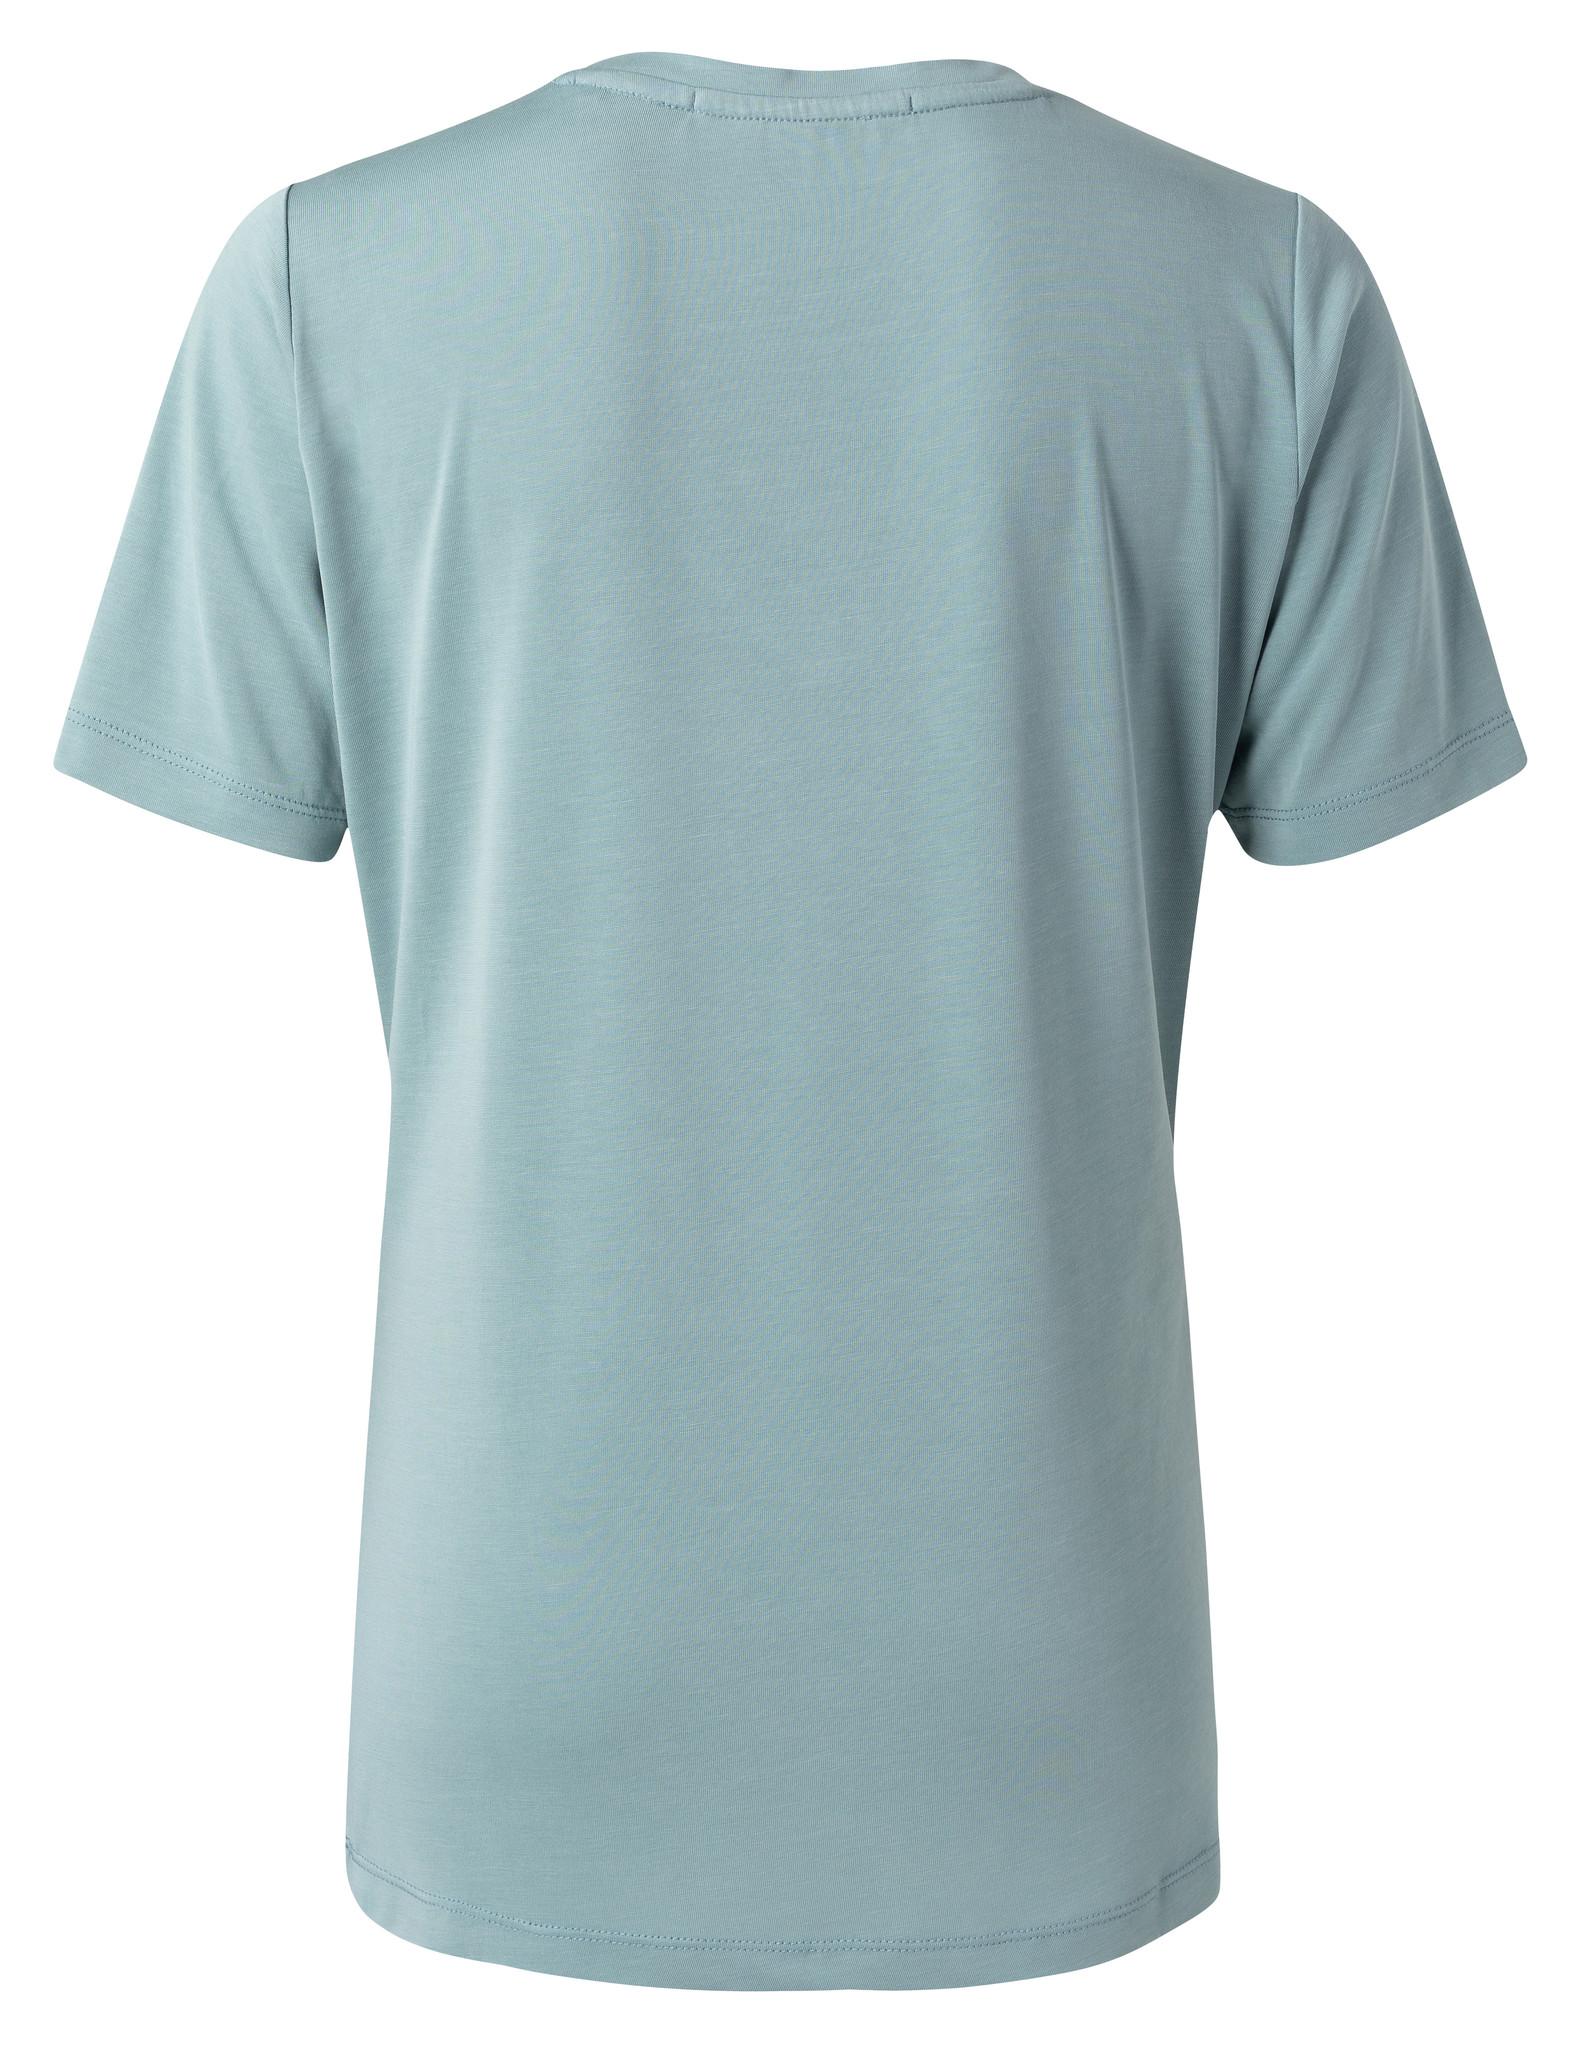 yaya Modal v-neck t-shirt 1919121-112-2